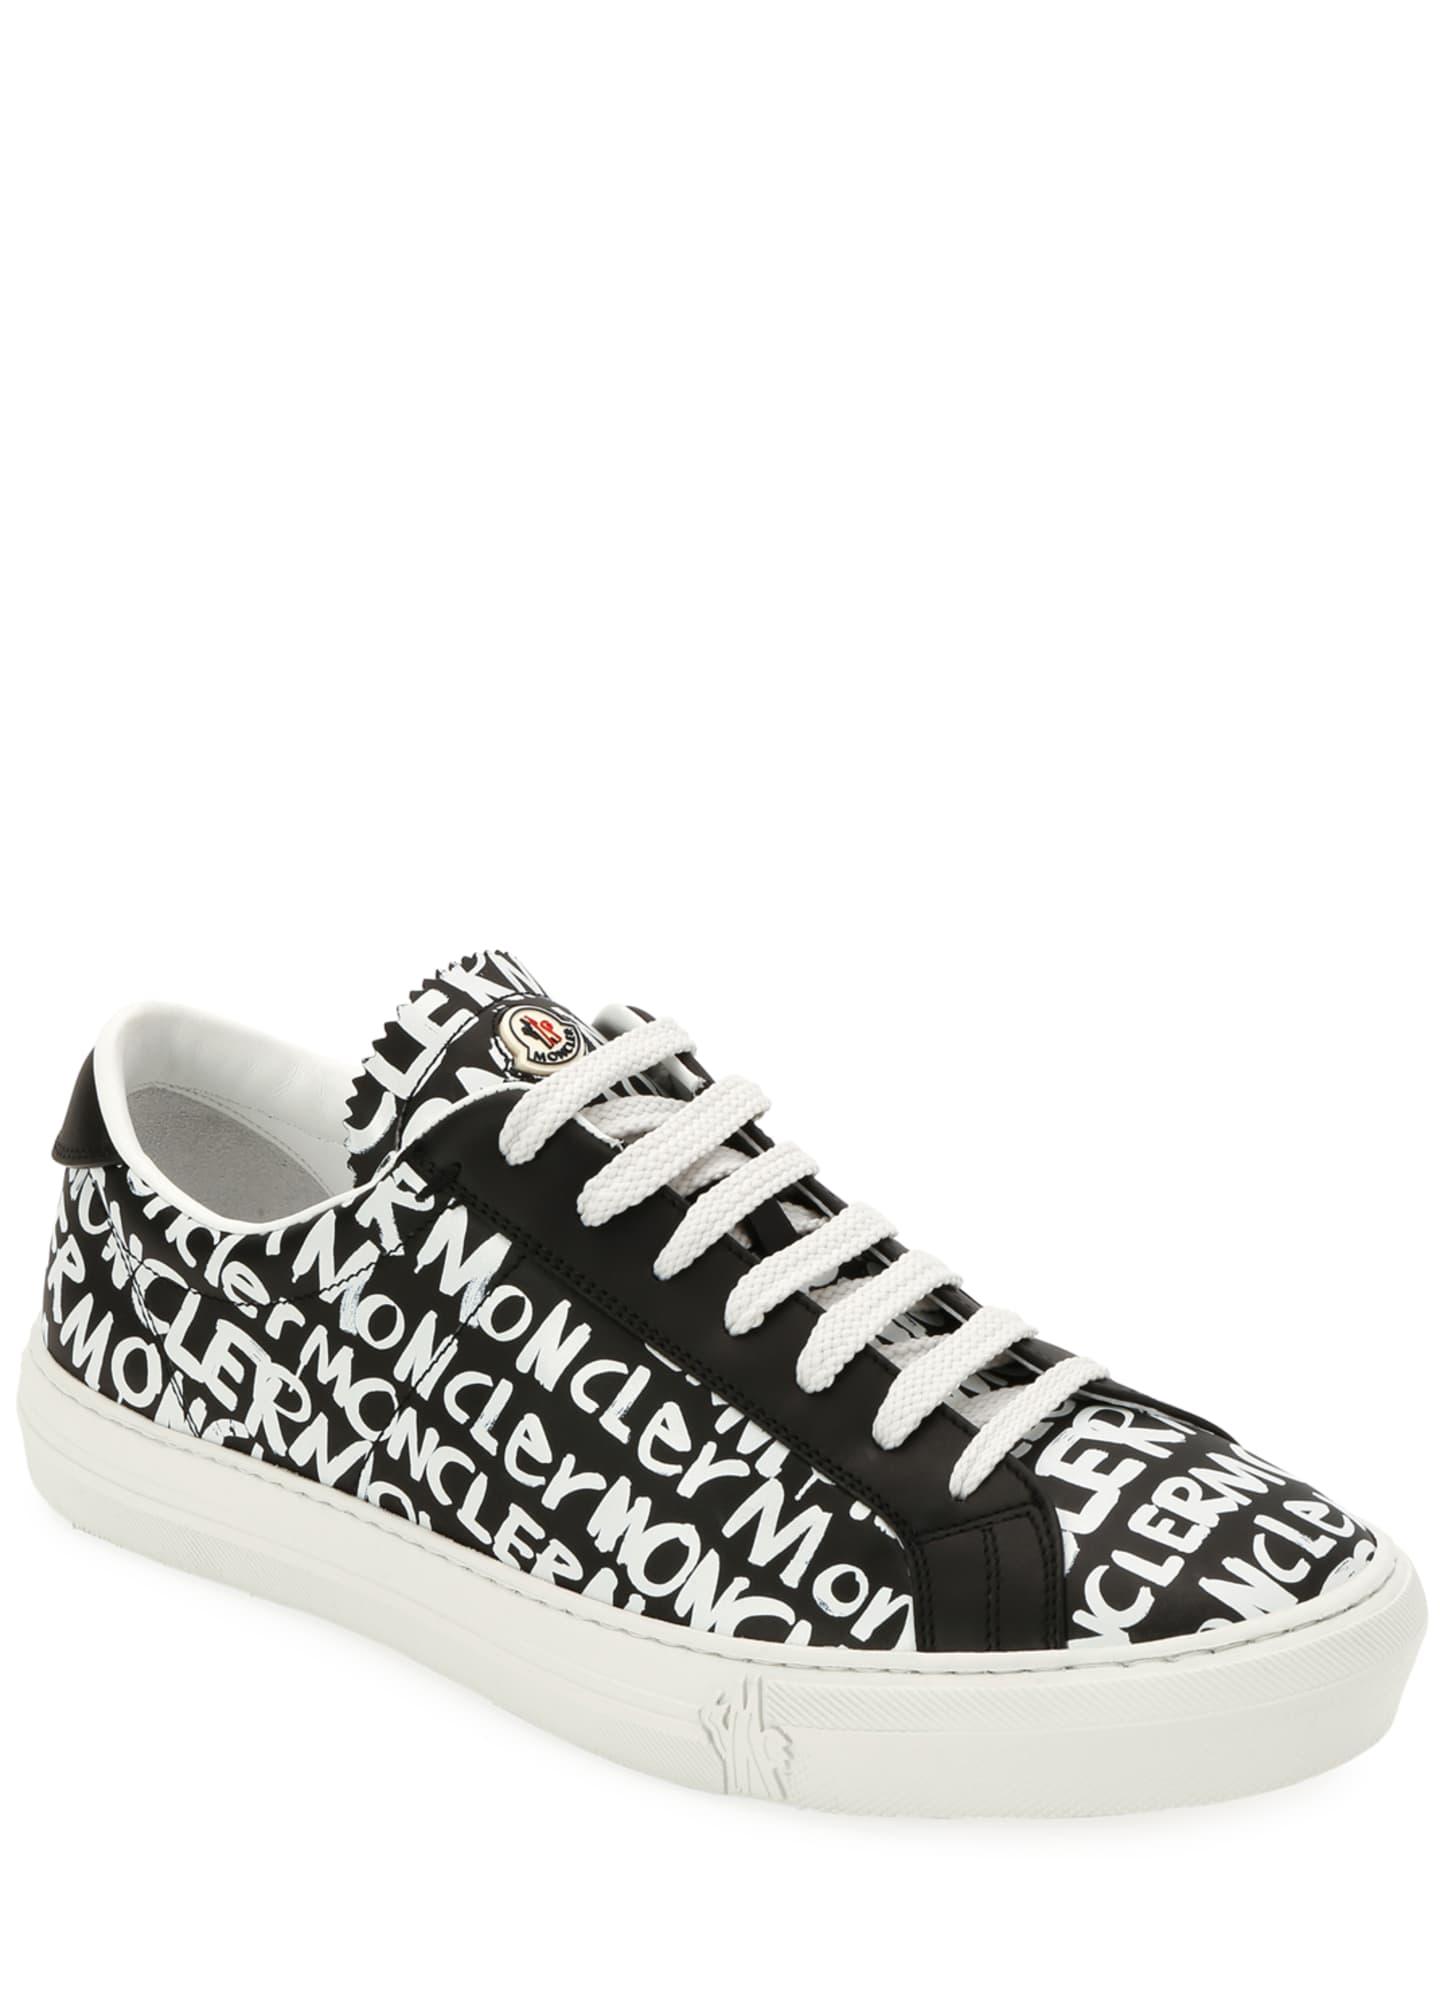 Moncler Men's New Monaco Sneakers